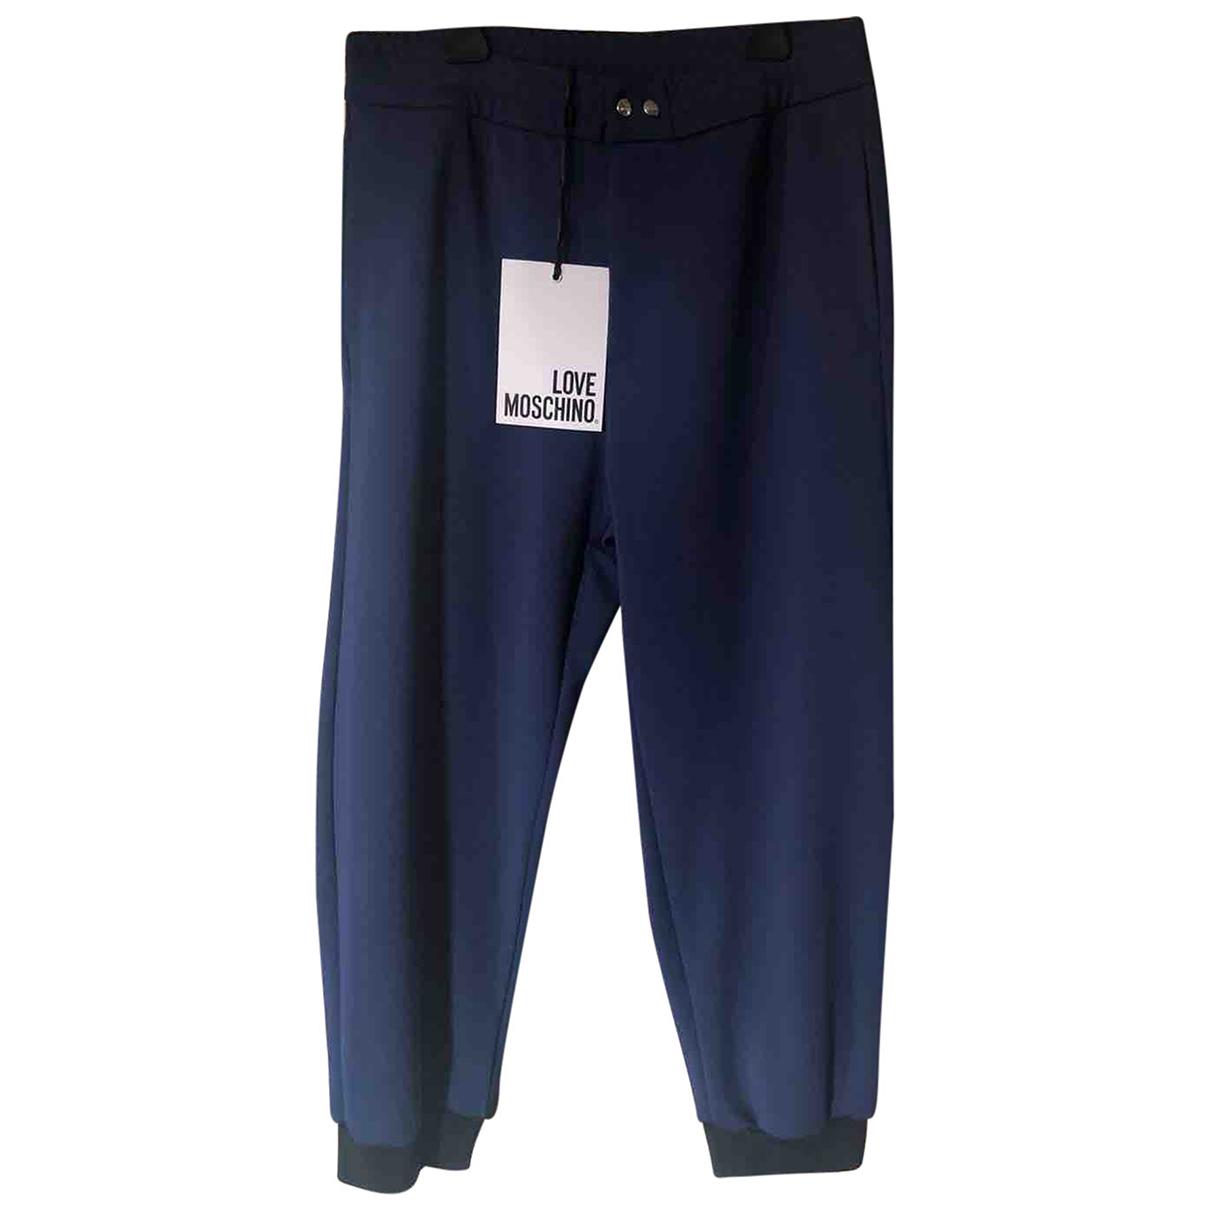 Pantalones en Poliester Azul Moschino Love